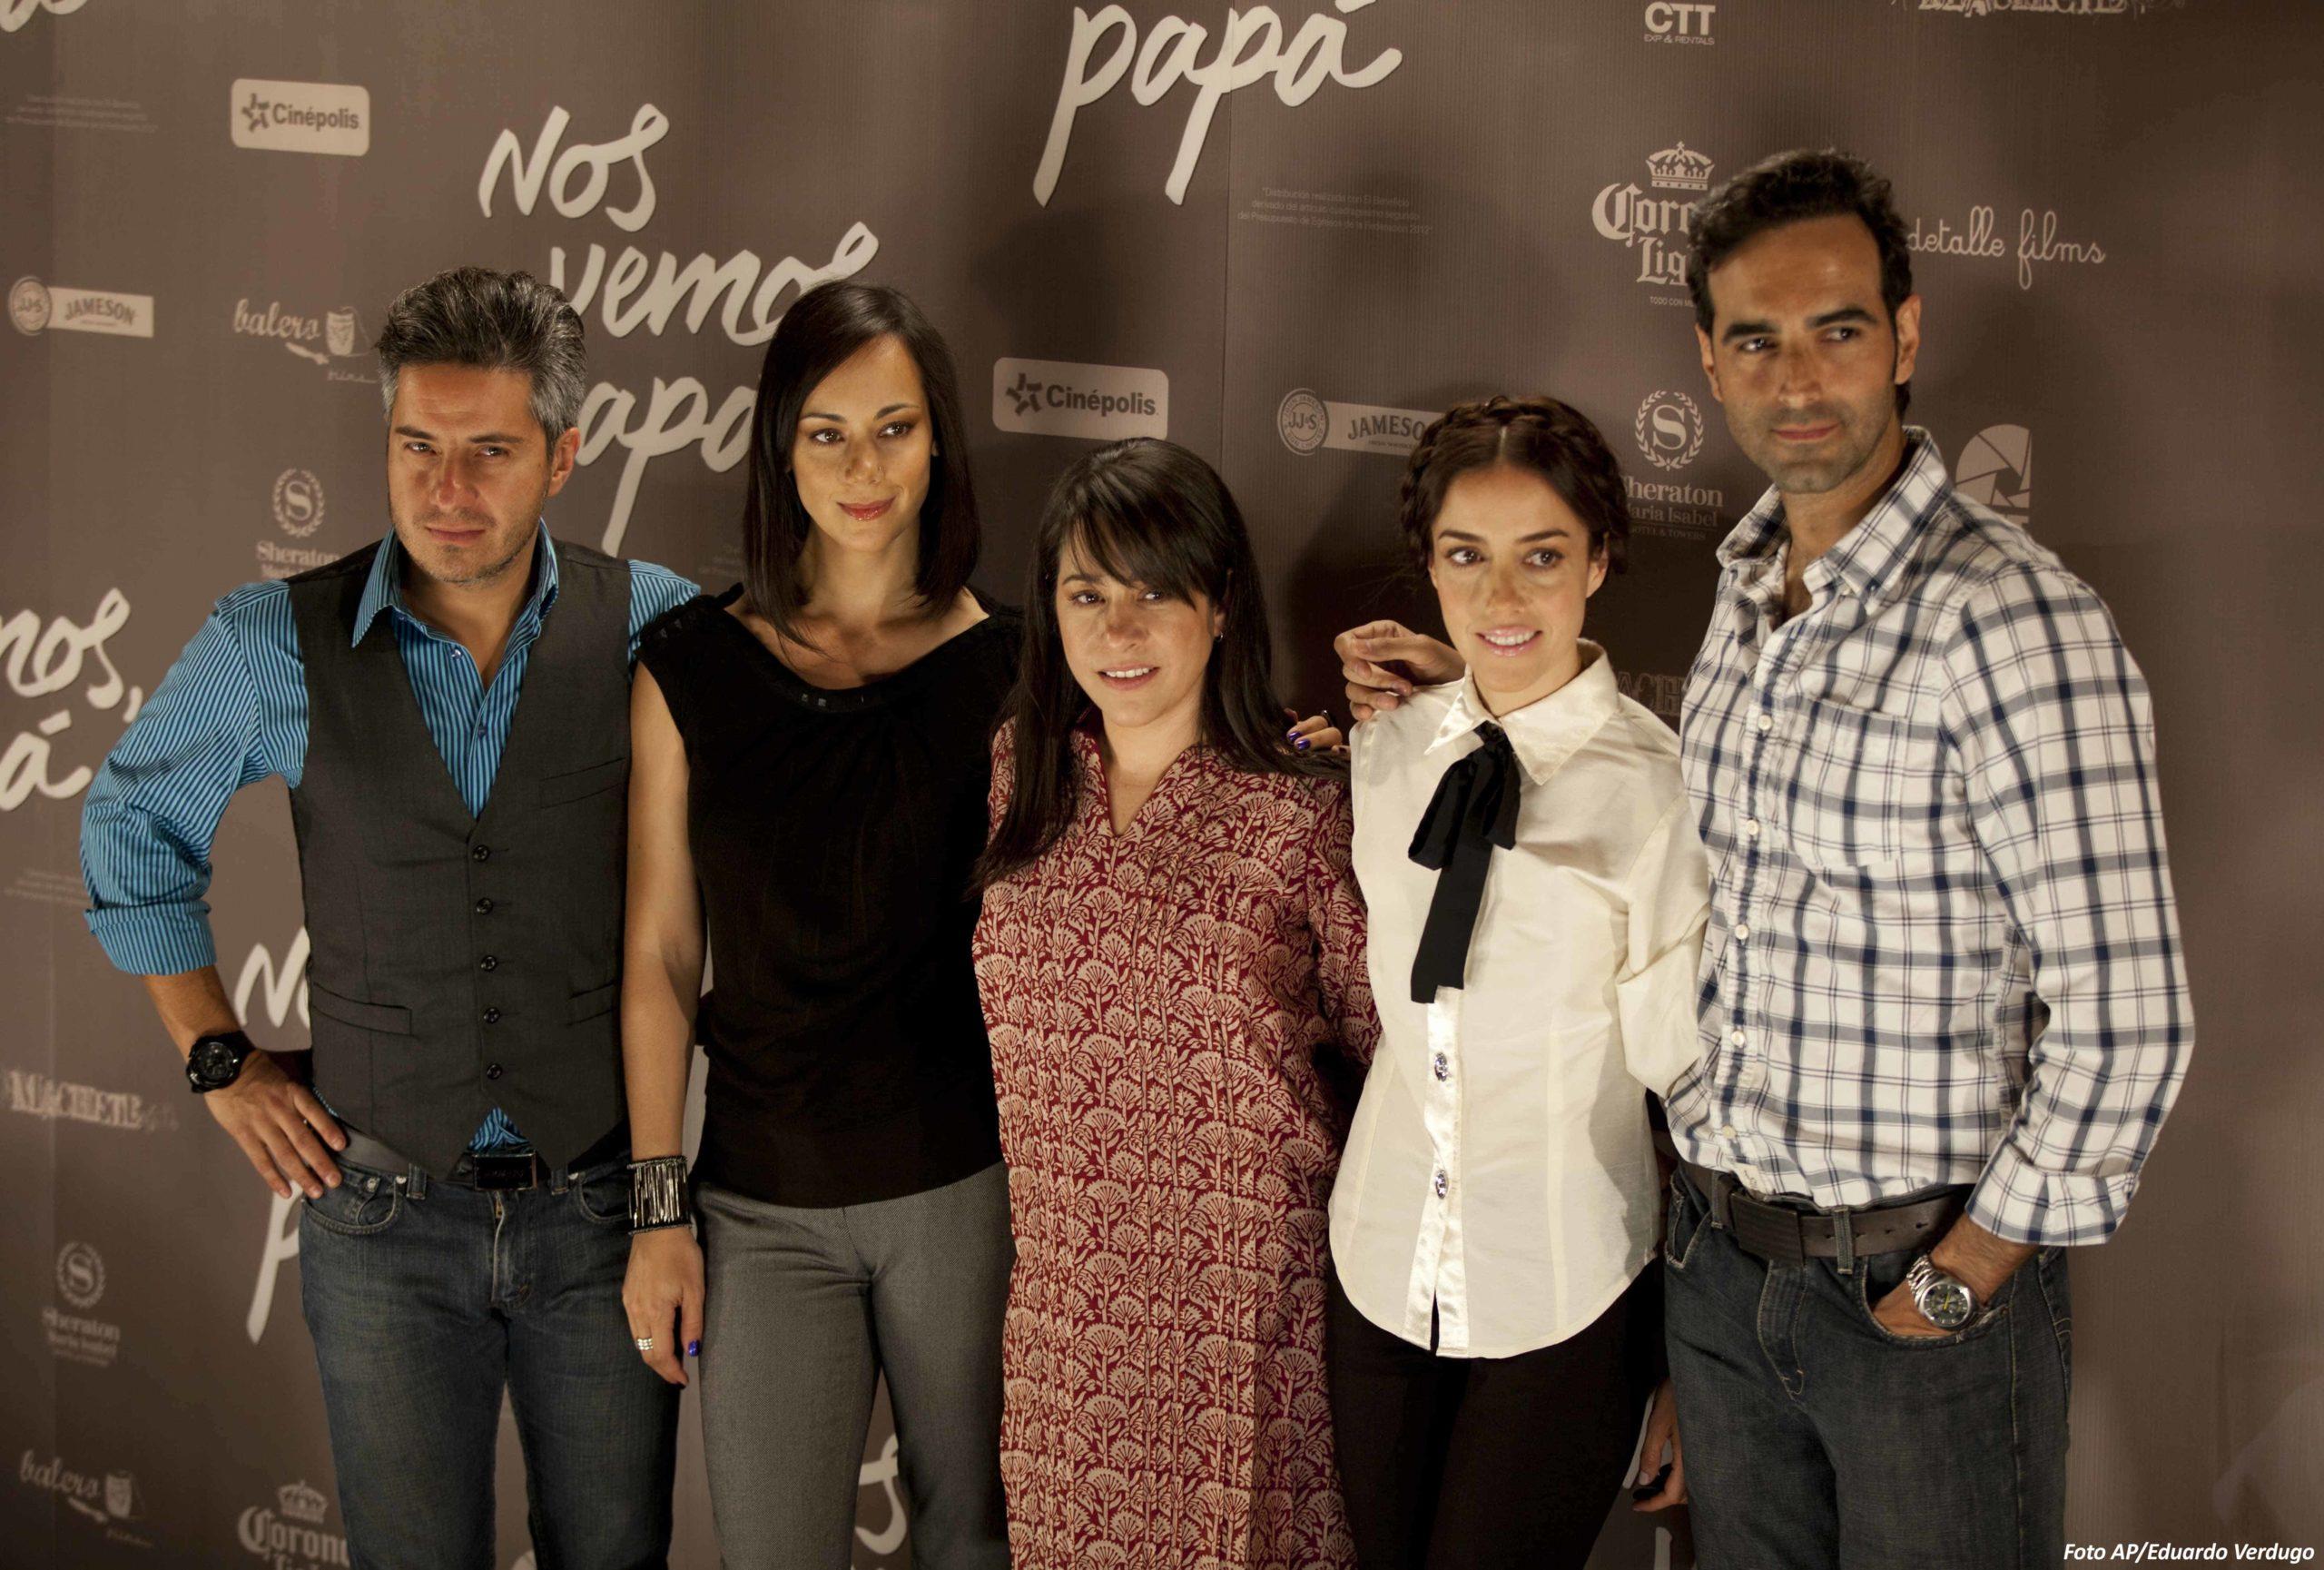 Moises Arizmendi, Gabriela de la Garza, Lucia Carreras, Cecilia Suarez, Arturo Barba